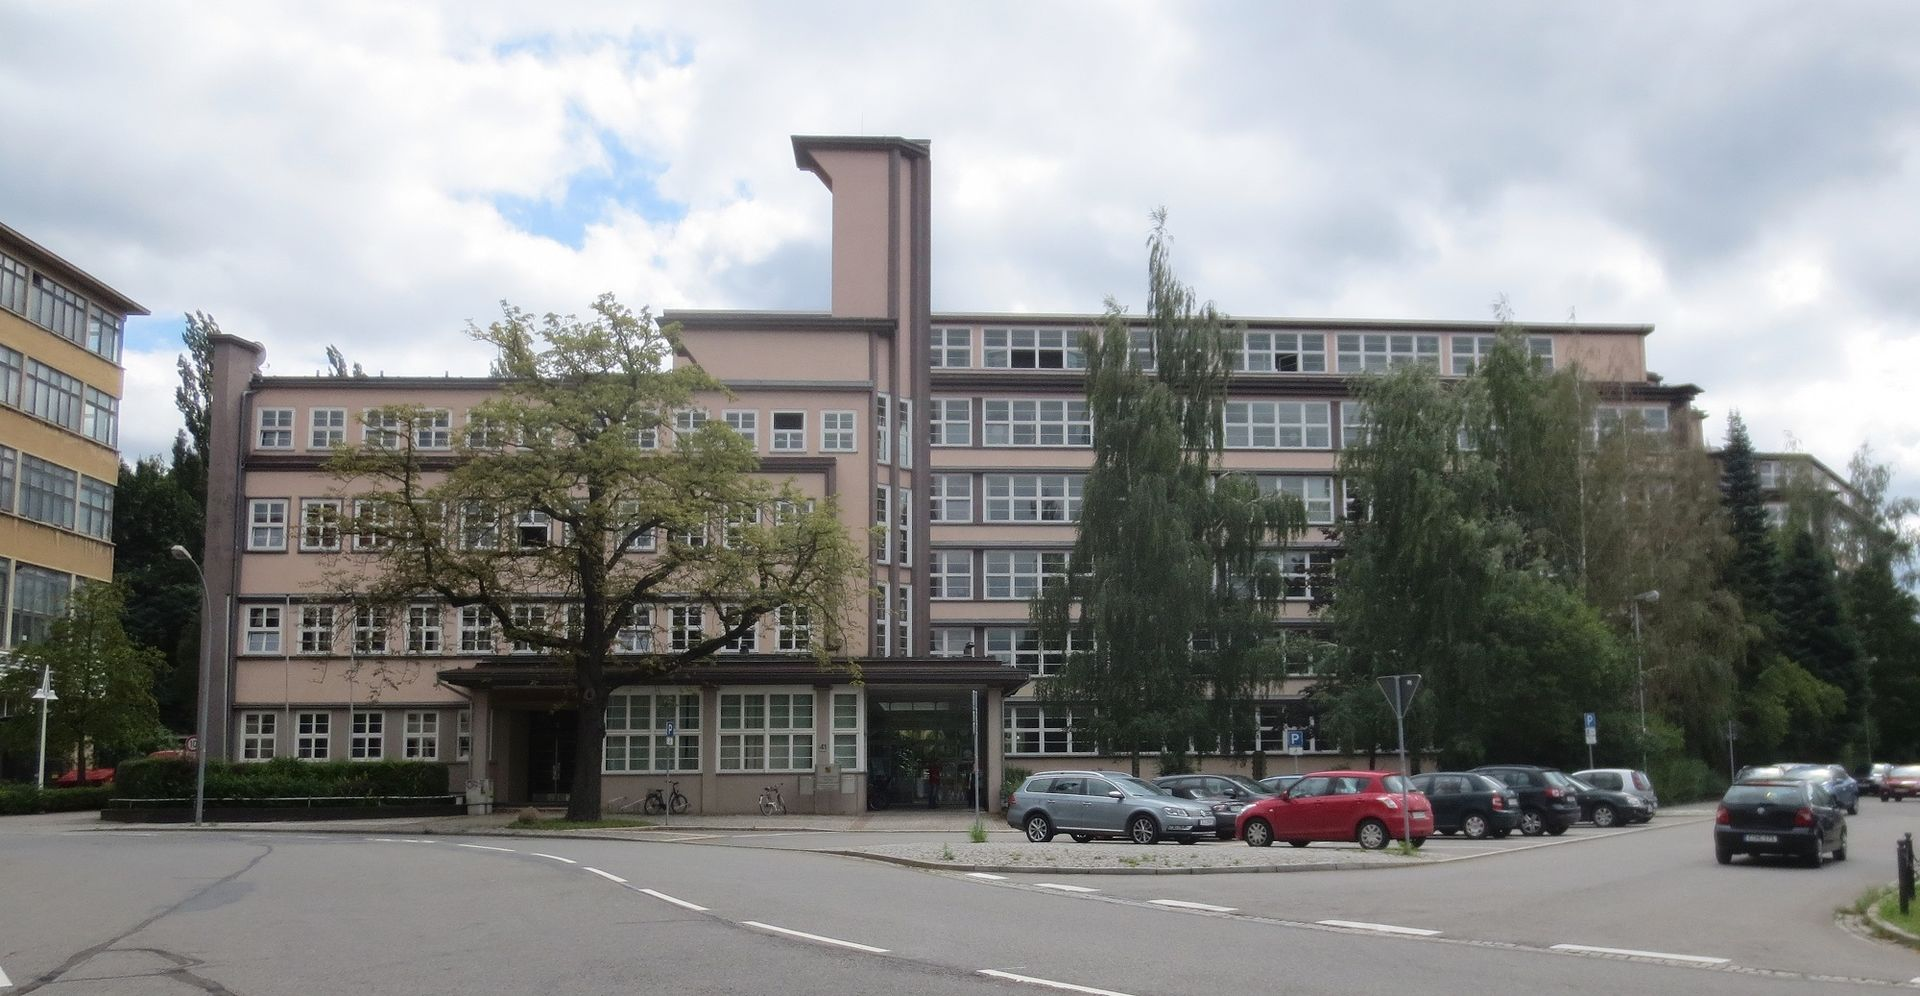 Architektur der moderne in chemnitz - Architekt chemnitz ...